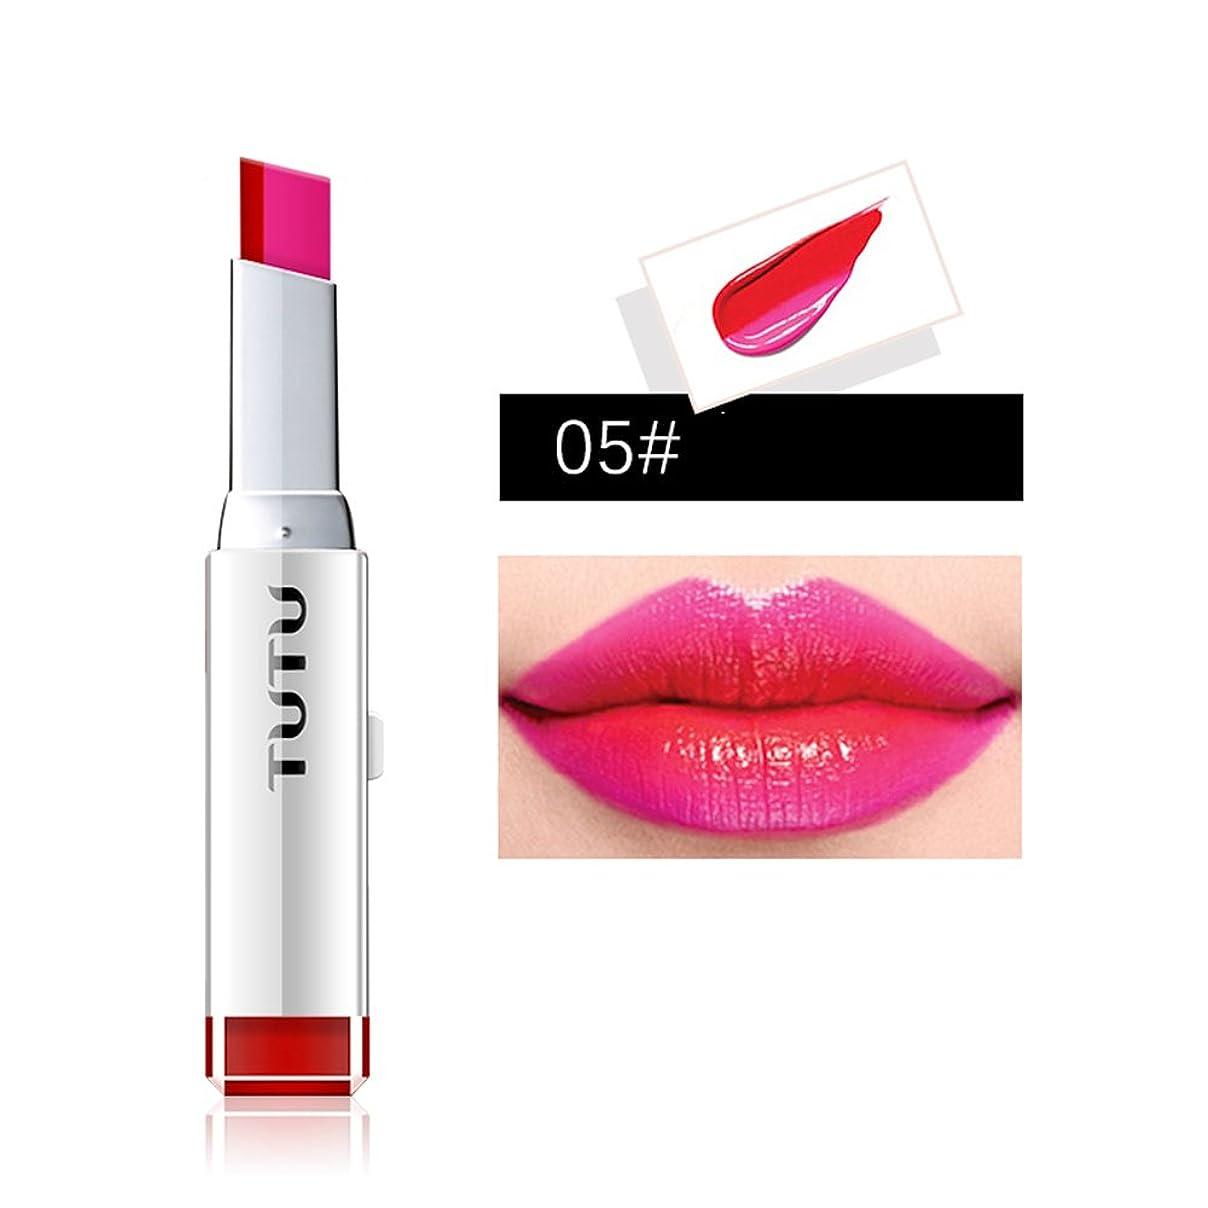 感情のジャグリング補充女性の口紅 ダブルカラー グラデーションリップ バーリップスティック モイスチャライジンググロス 唇のメイク 5 #